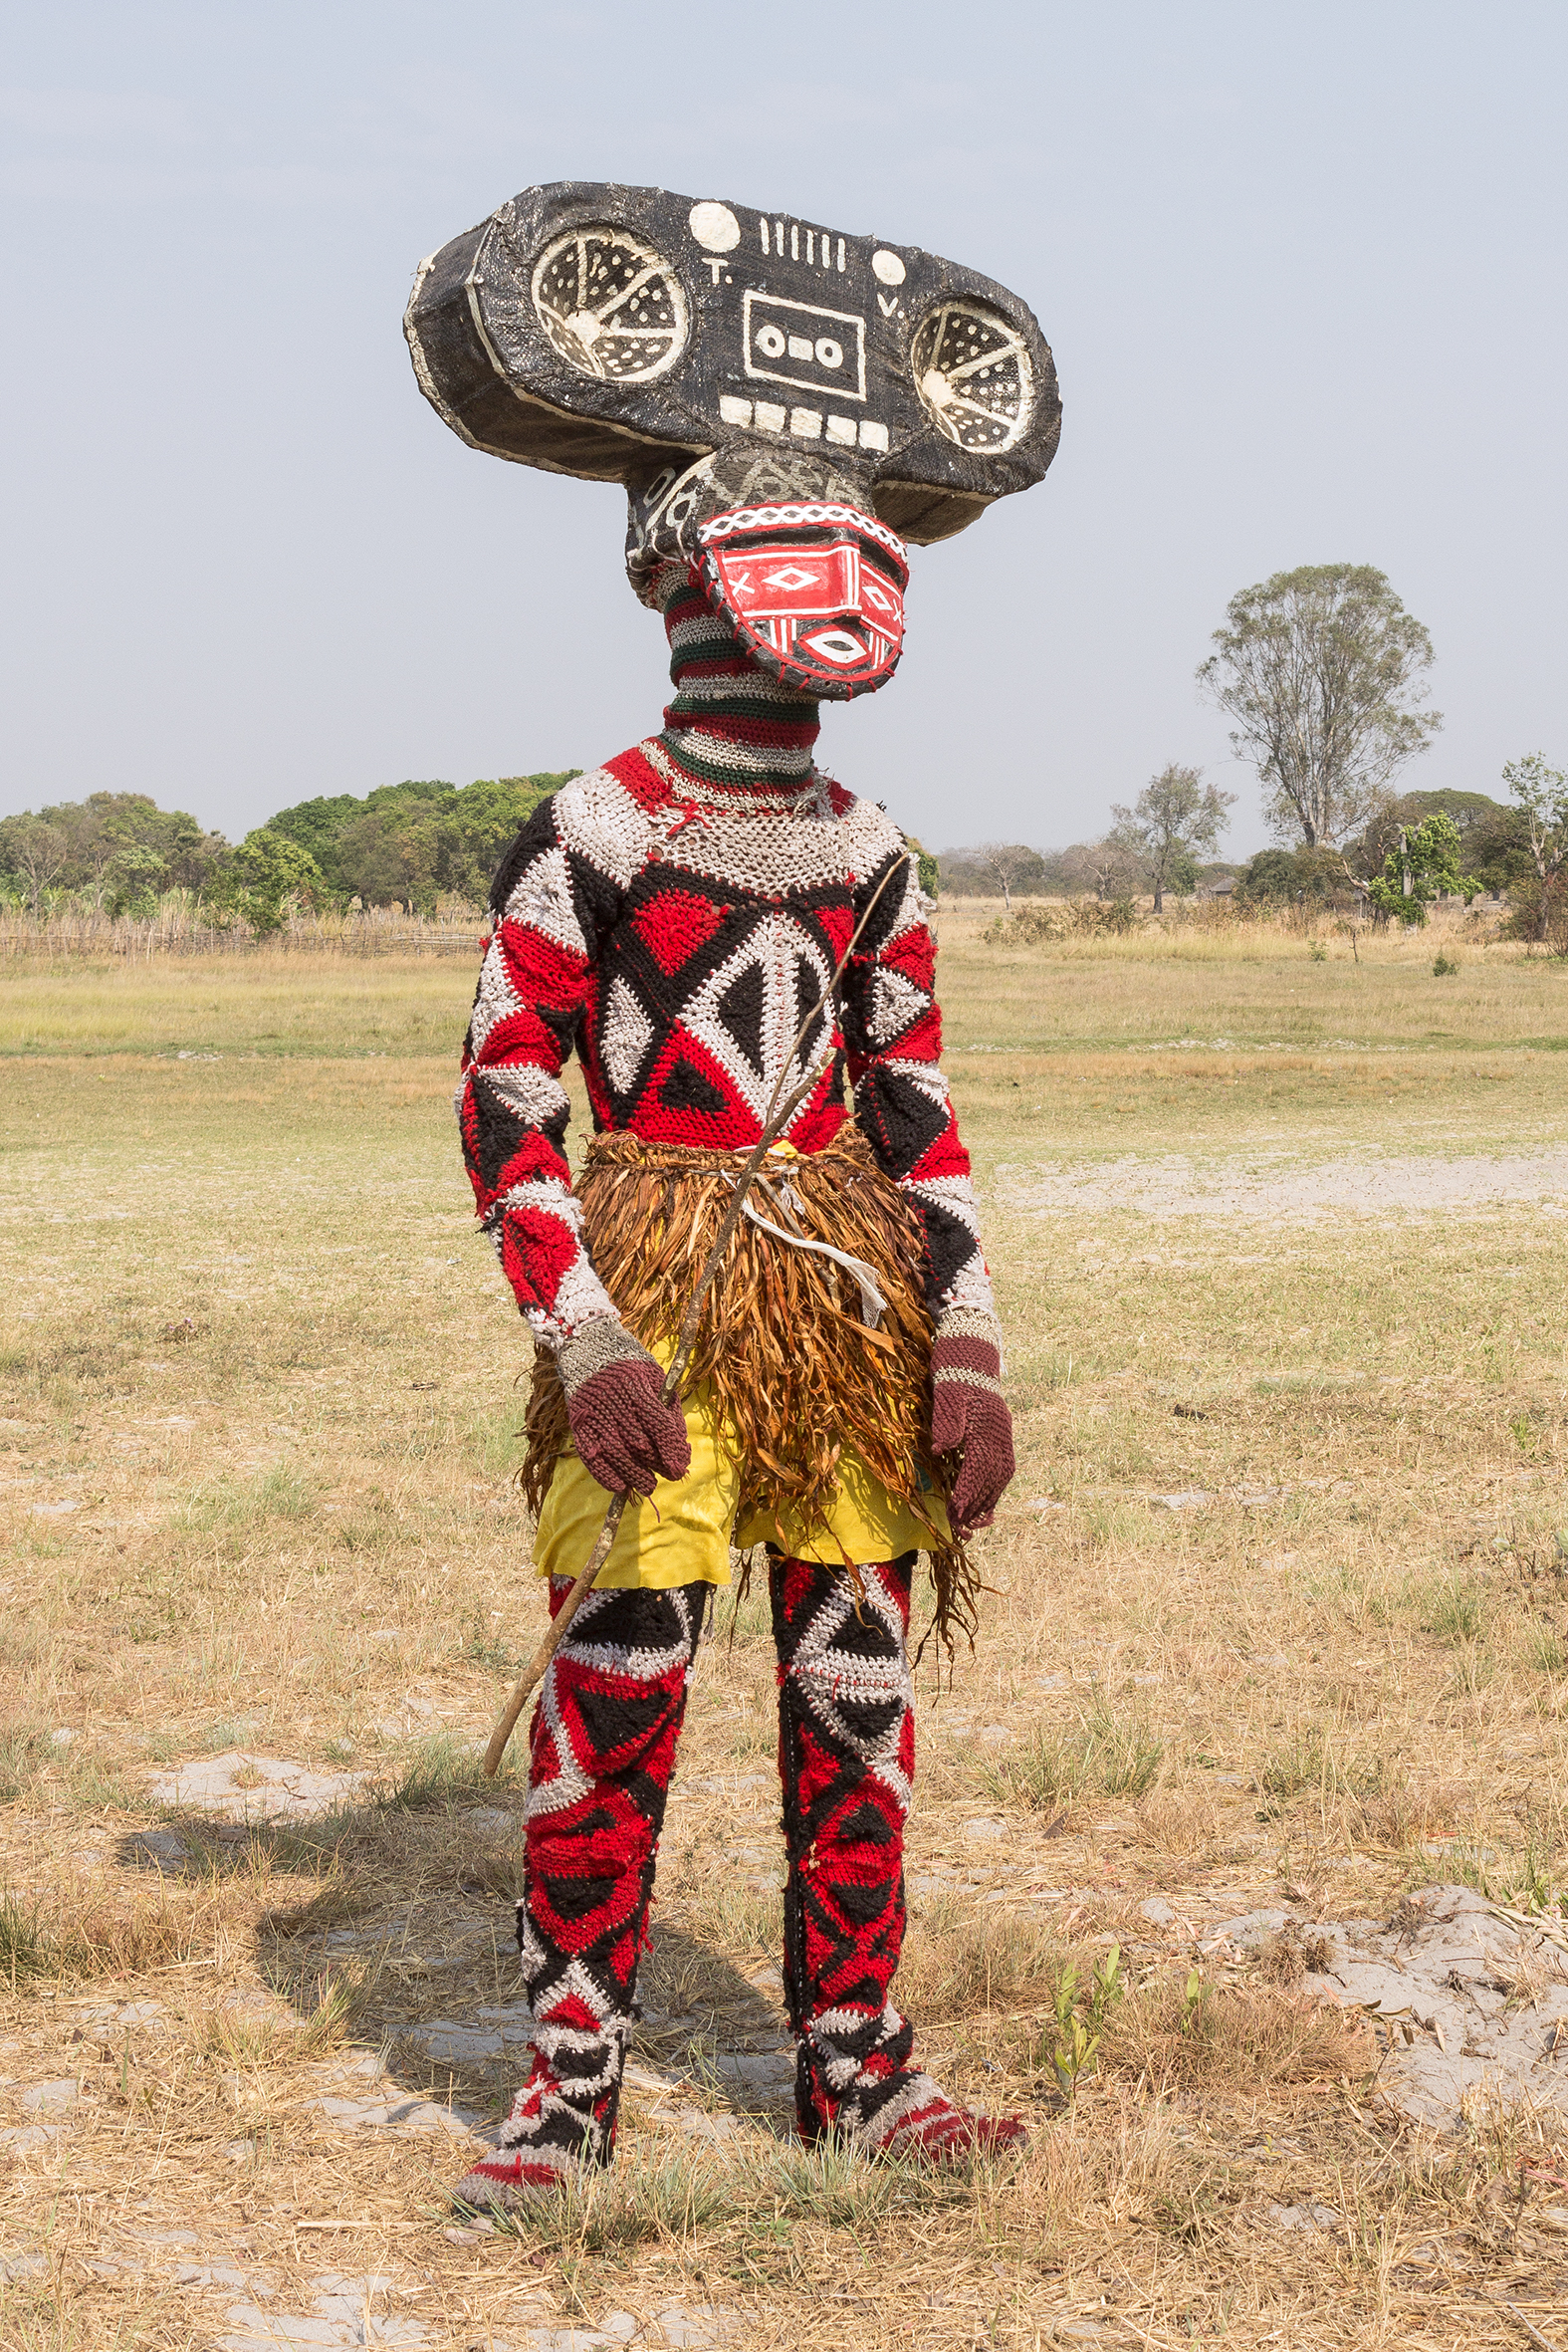 - 18.07.2017: Ankündigung des Vortrags von Martin VorwerkWir laden Sie herzlich am 27. Juli um 19 Uhr zu unserem Kick-Off Prolog #8 im Japanischen Palais ein. Erleben Sie Martin Vorwerks Beobachtungen zu den verschiedenen Makishi-Maskeraden im Länderdreieck Angola, Sambia und der Demokratischen Republik Kongo.Basierend auf aktuellen Forschungen vor Ort wird eine Auswahl an Charakterentwicklungen vorgestellt, sowie deren Entstehung ergründet.Martin Vorwerk (*1986) studierte Kommunikationsdesign und Zeitbasierte Medien an der Hochschule der Bildenden Künste, Braunschweig (2007-2012) sowie Kunstgeschichte Afrikas an der Freien Universität Berlin (seit 2012).